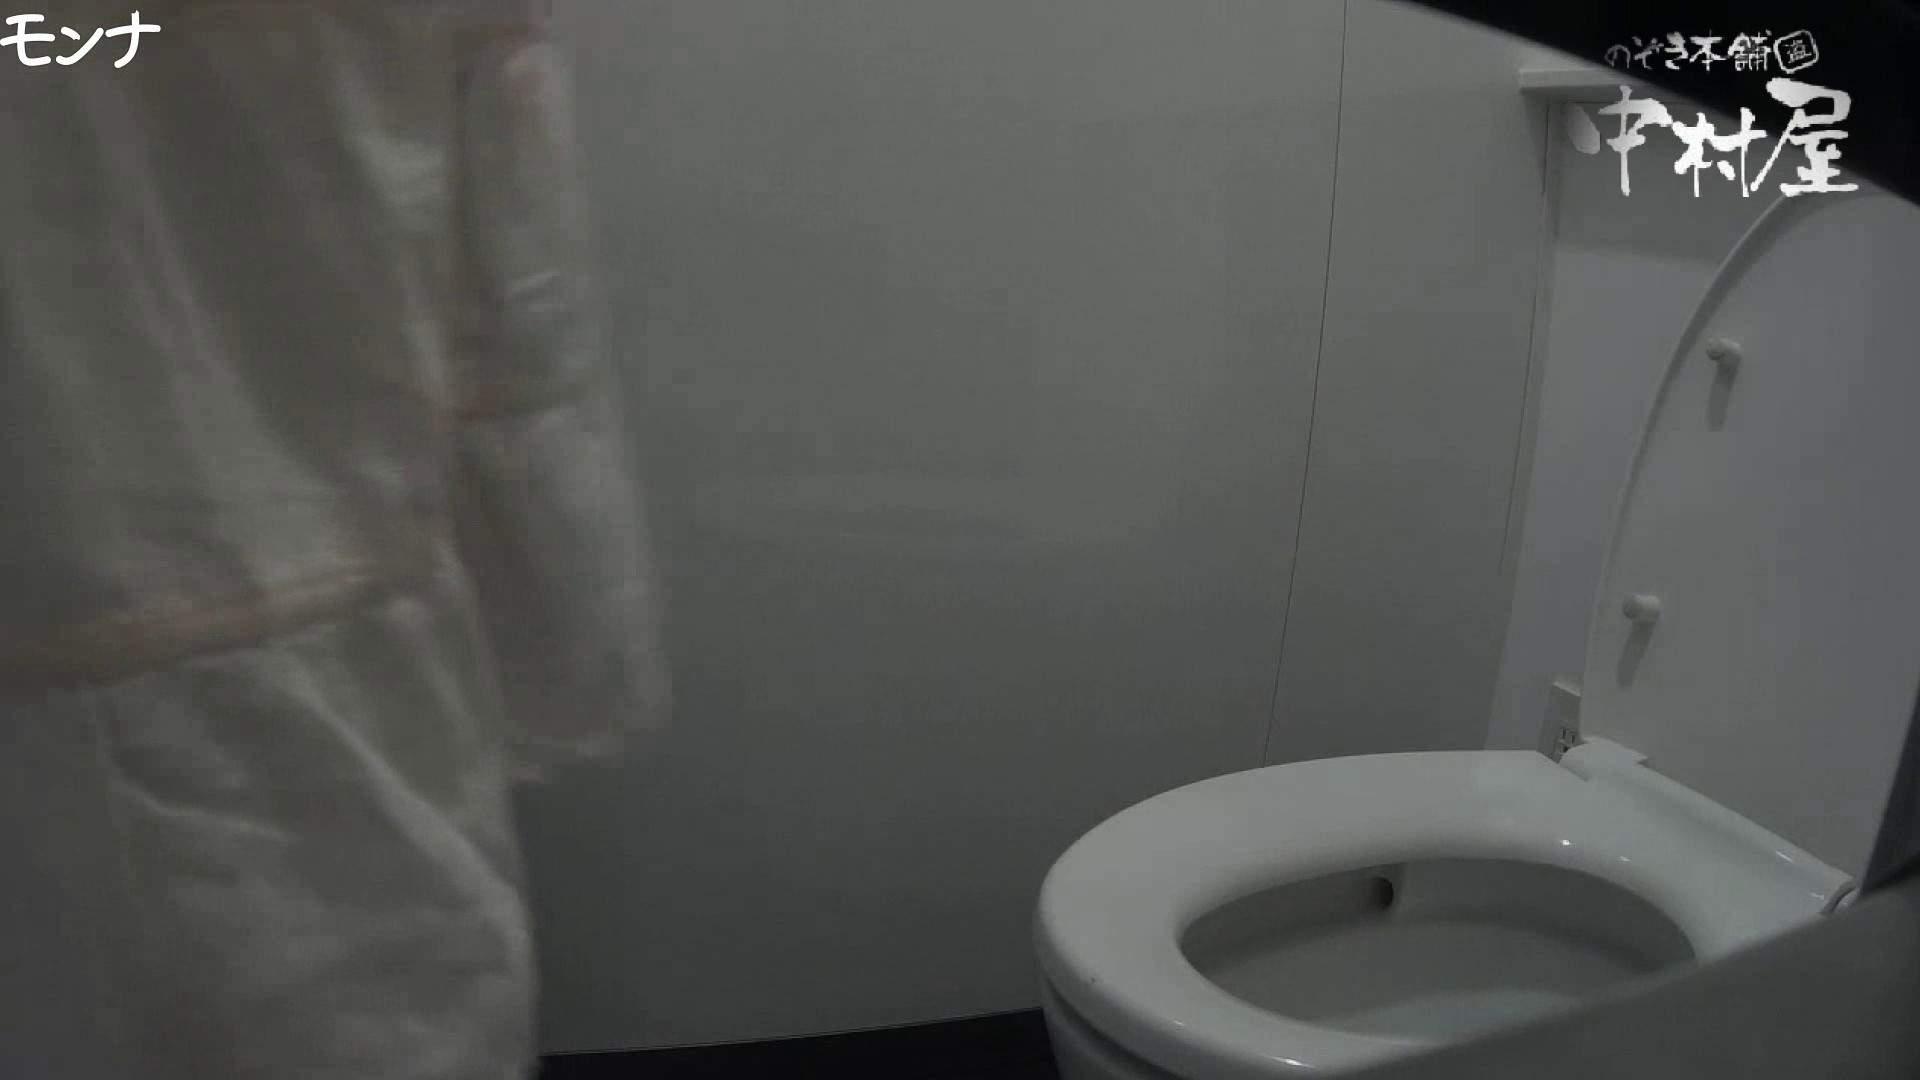 有名大学女性洗面所 vol.65 秘技!!マルチアングル天井撮り!! 和式 | 洗面所  91pic 55